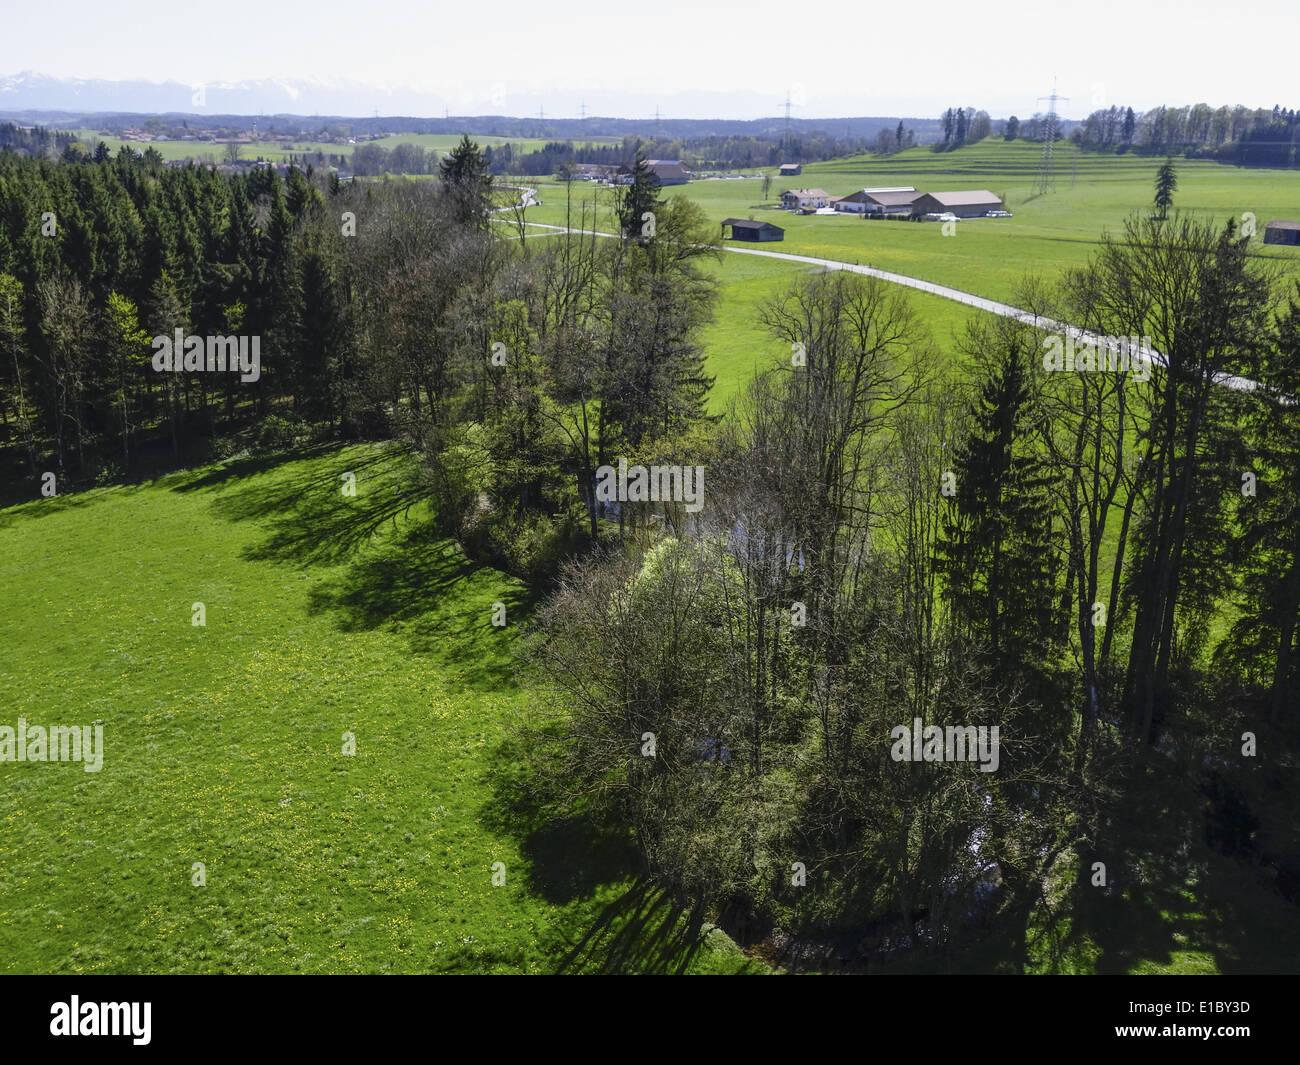 Bayerisches Voralpenland im Frühling, Oberbayern, Bayern, Deutschland, Europa - Stock Image